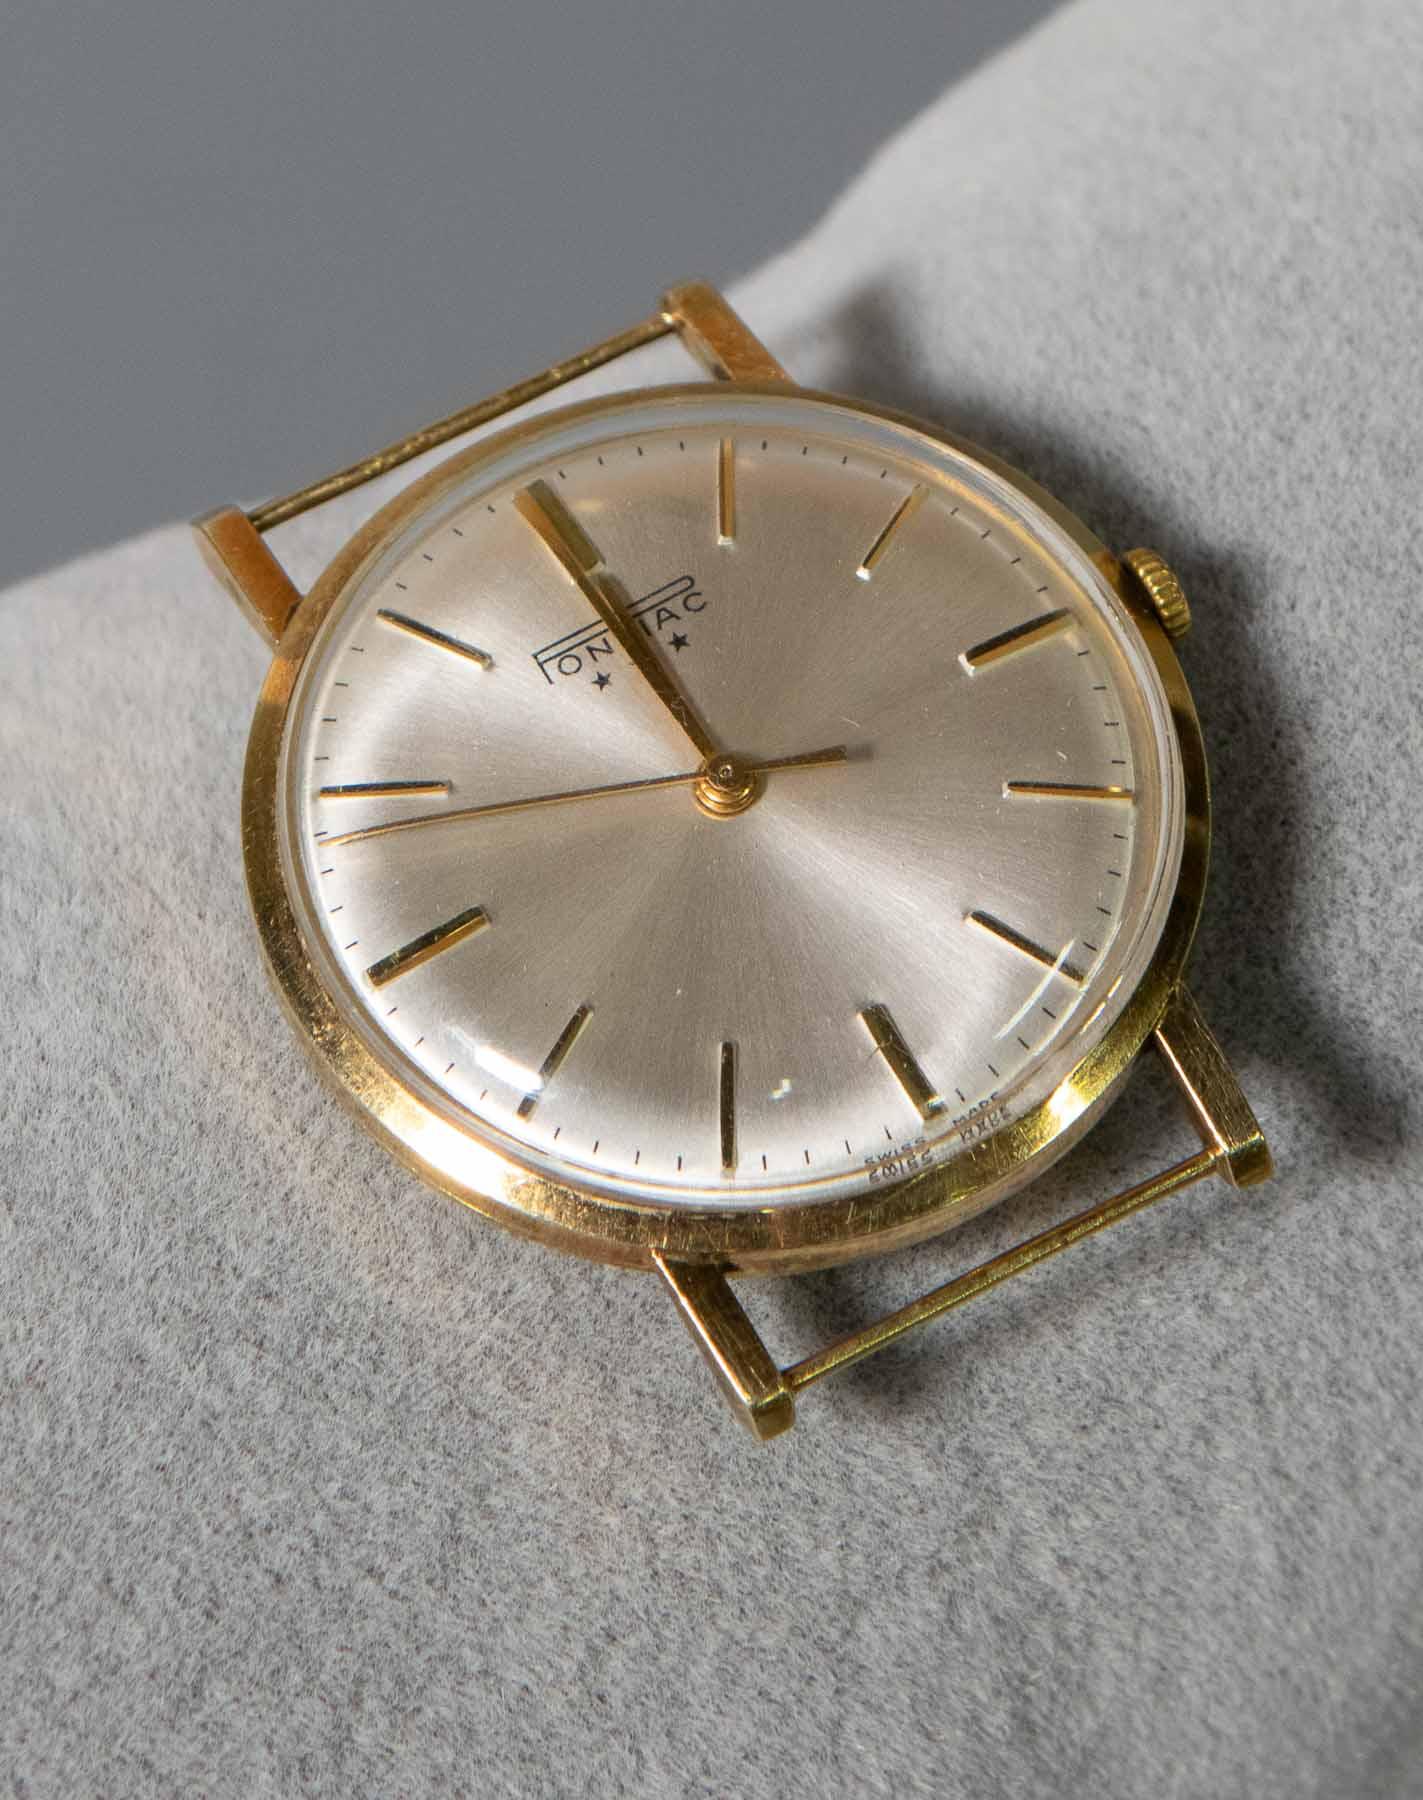 3d7f562c0c1 Lotnummer 2838. Een Pontiac horloge in gouden kast